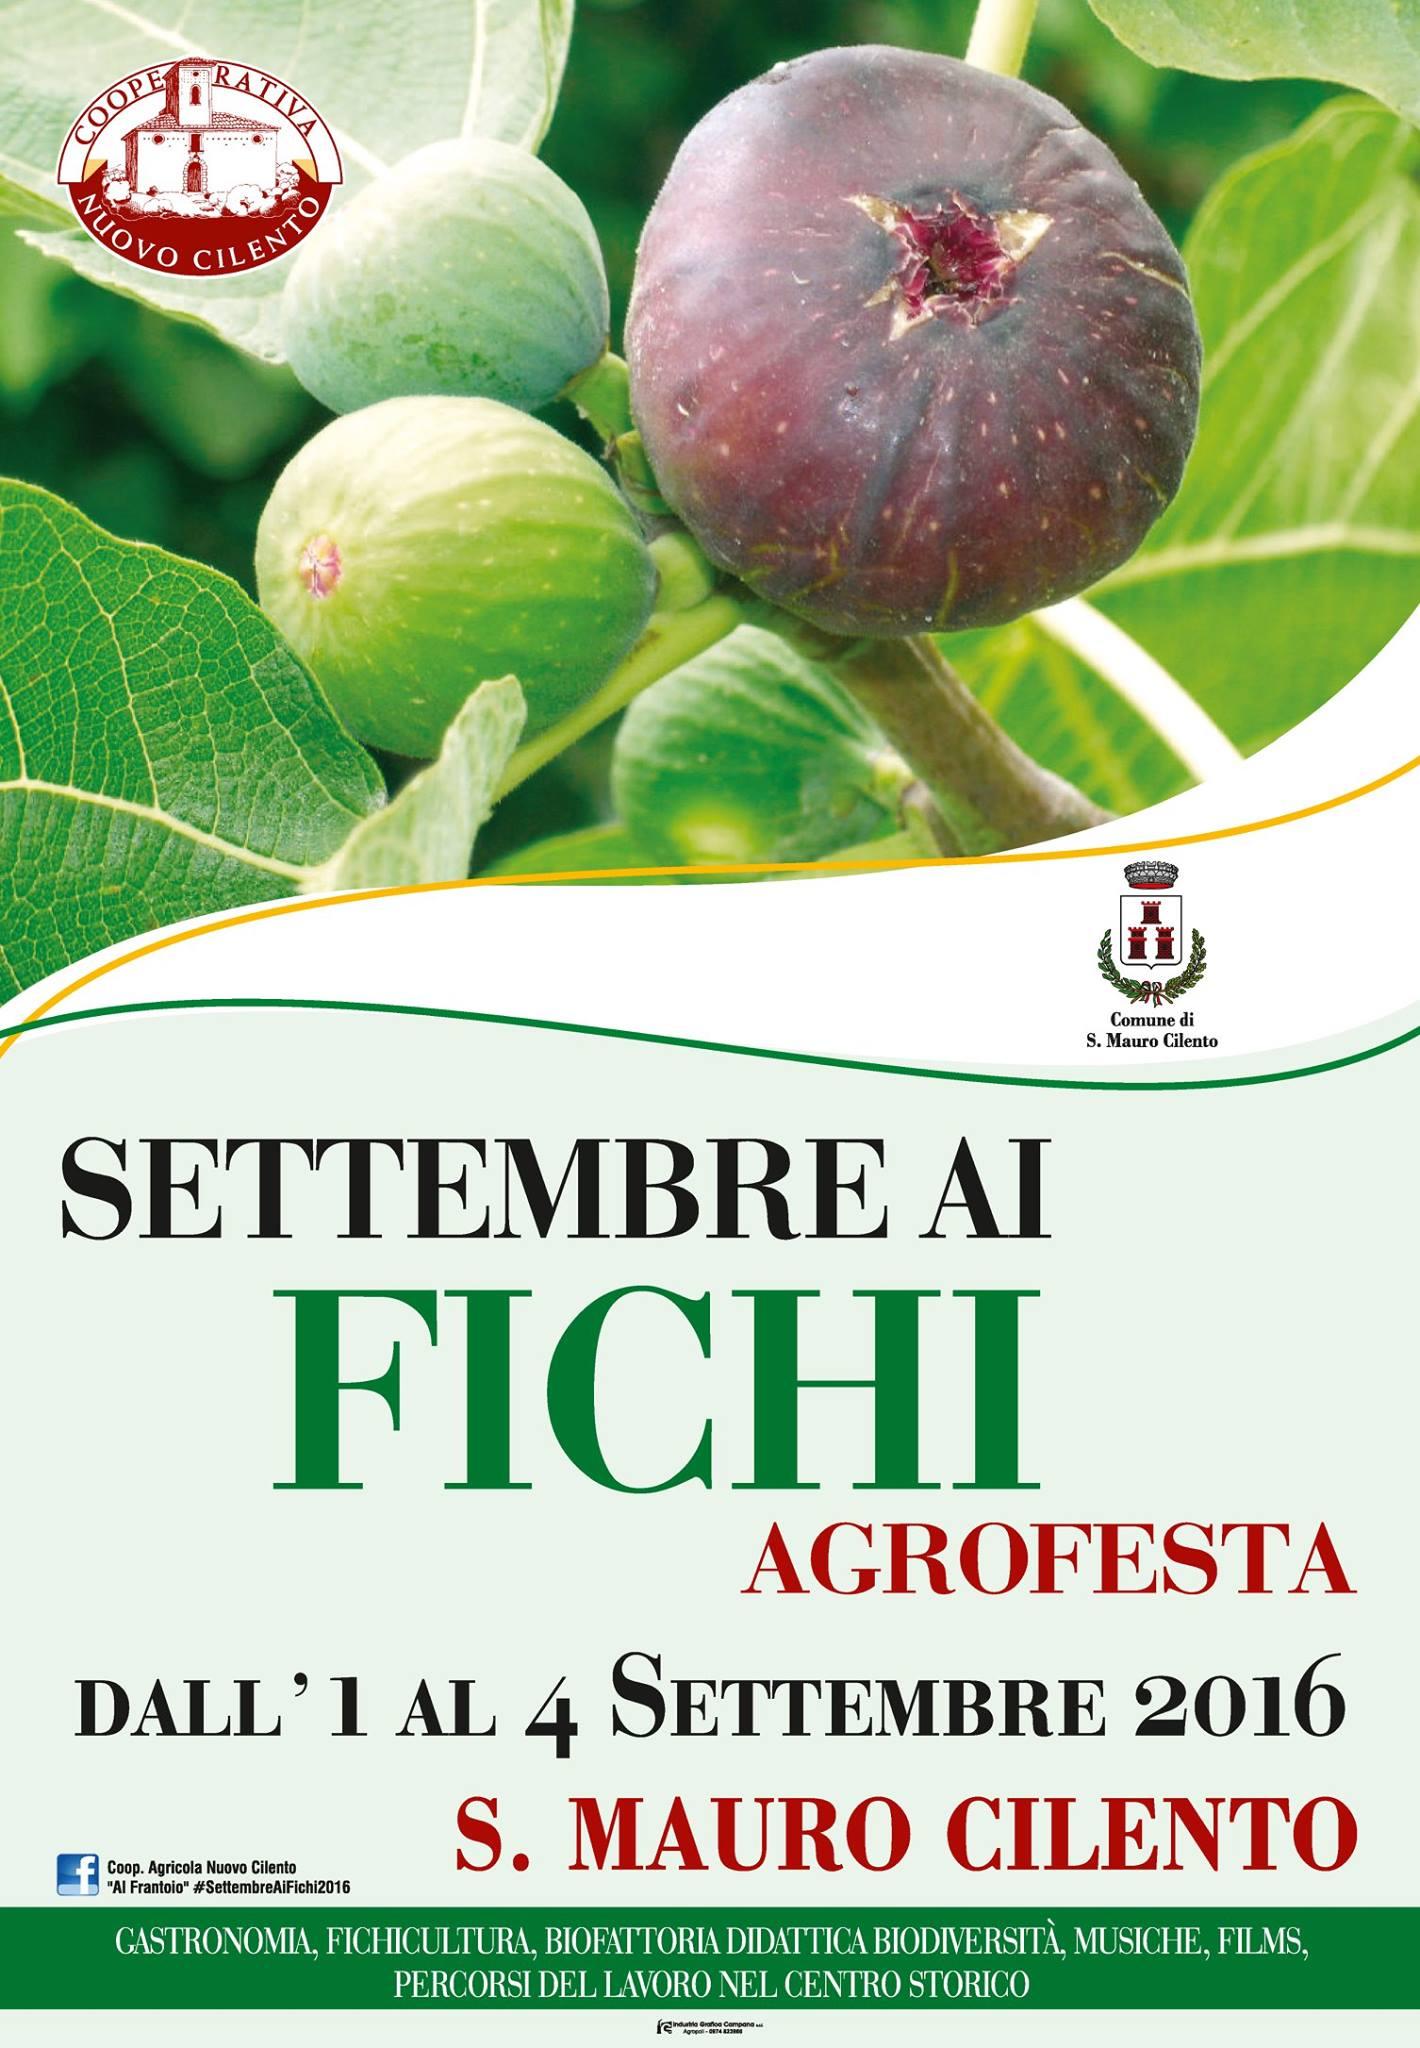 San Mauro Cilento agrofesta settembre ai fichi